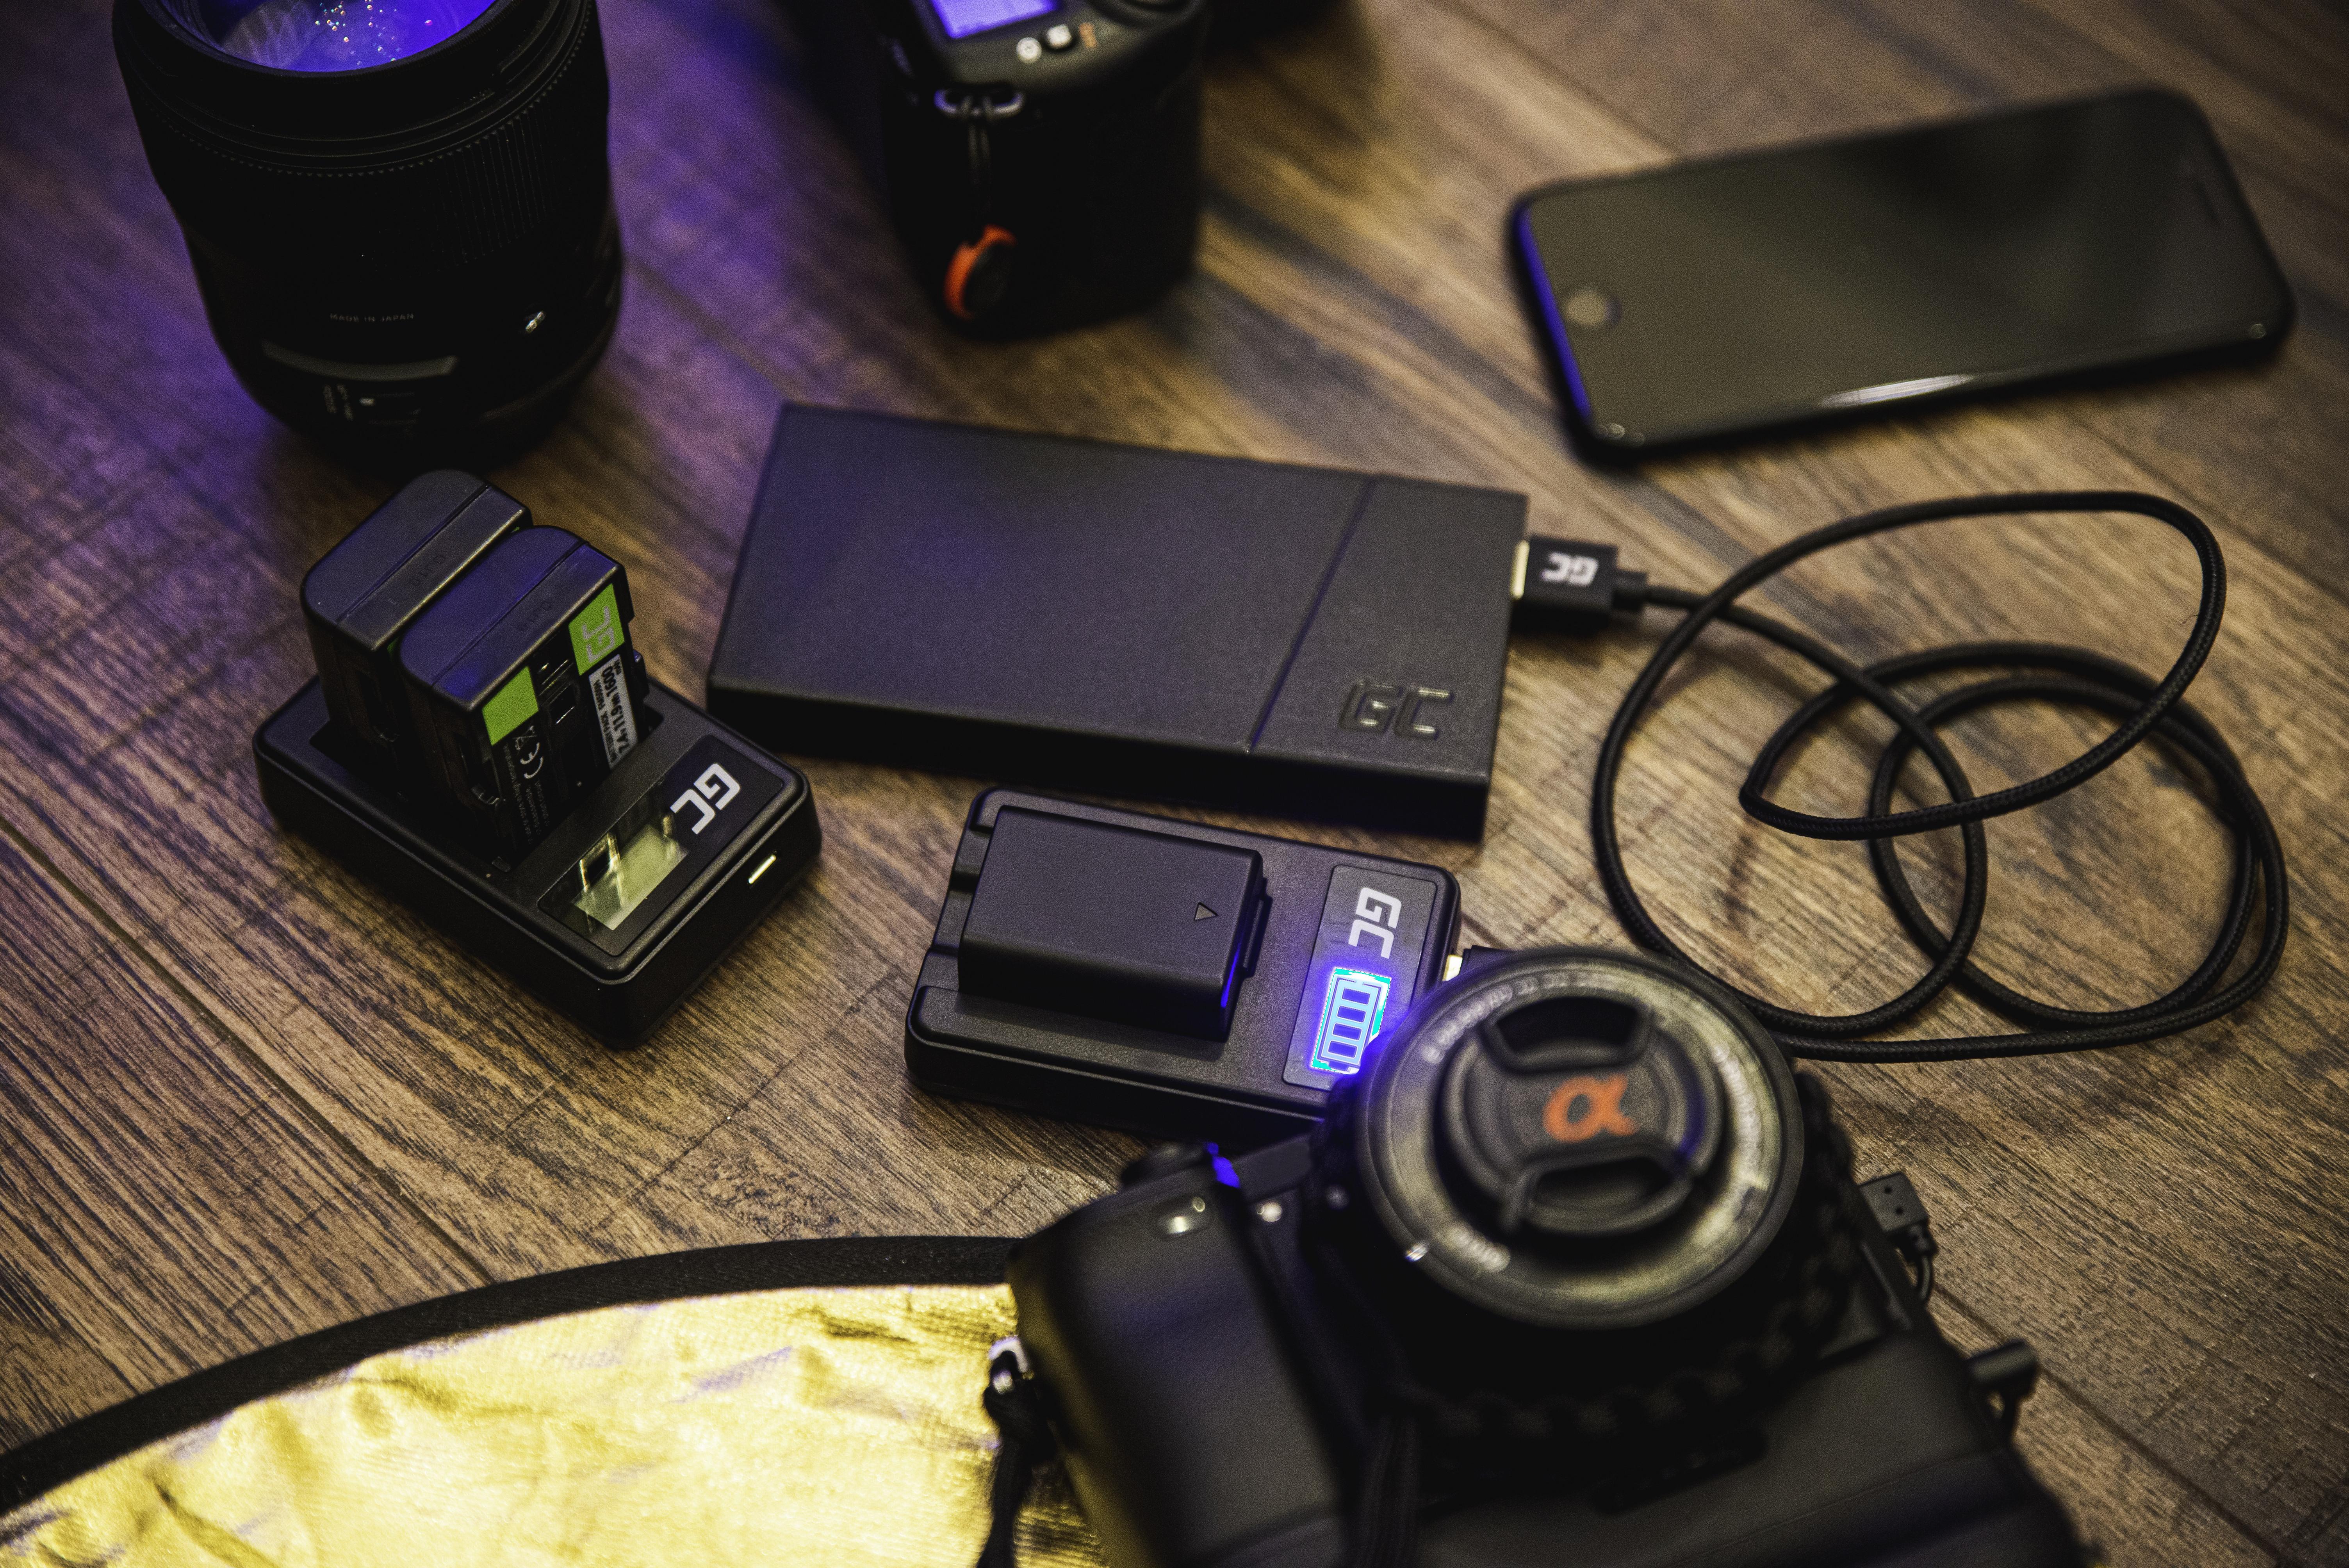 Baterie Green Cell Panasonic DMW-BLC12 FZ2000,G81,FZ1000,FZ300,G6M,GX8M,G70M,G70KA,GX8EG-K,GX8,G70 1000mAh Li-ion - neoriginální